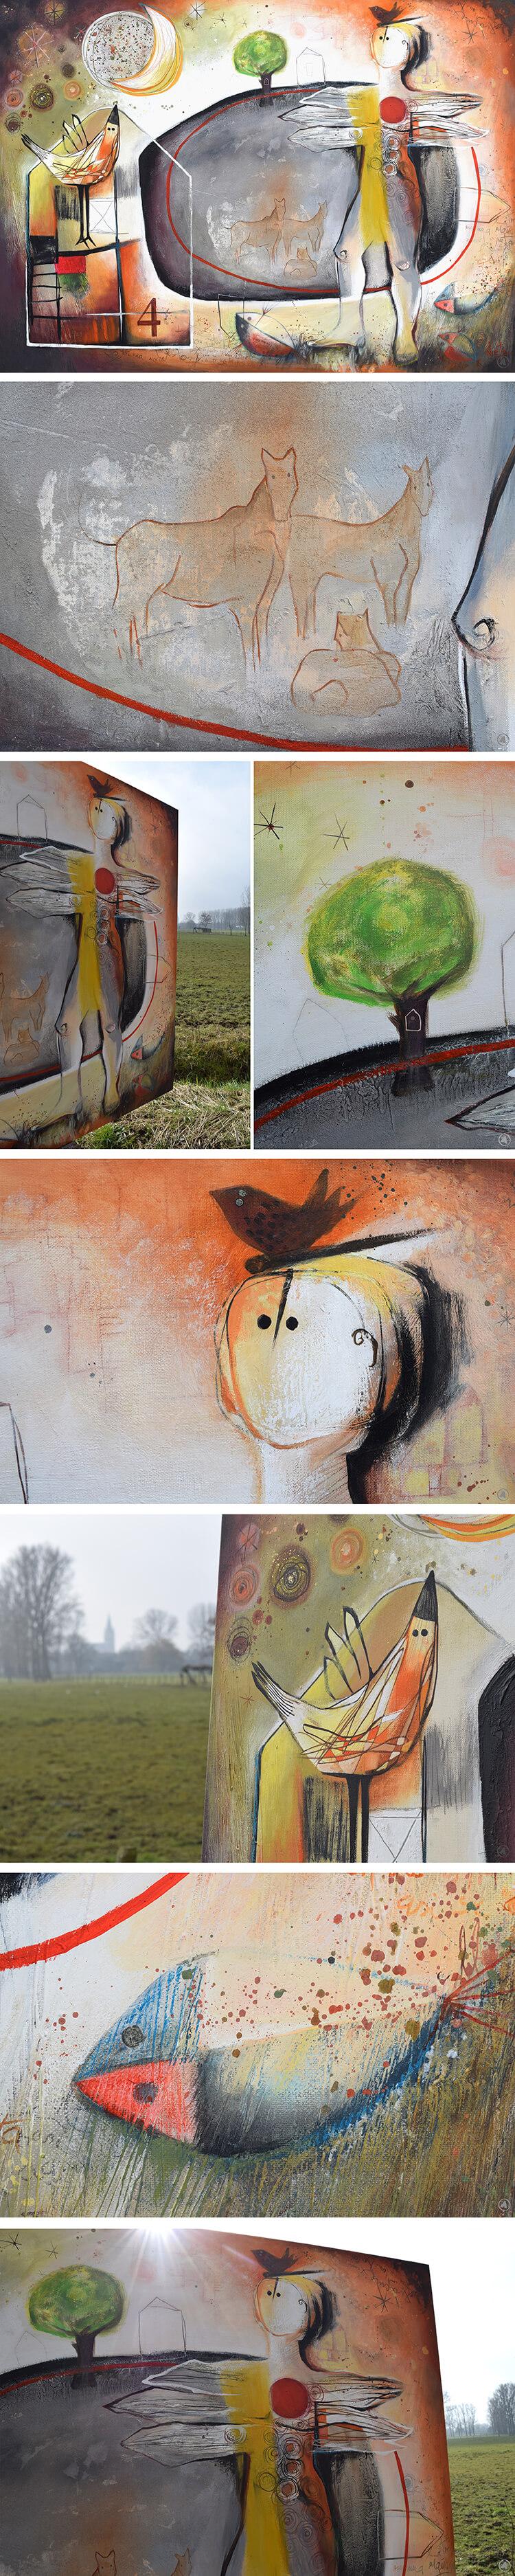 CASAS Arte de Angeles Nieto